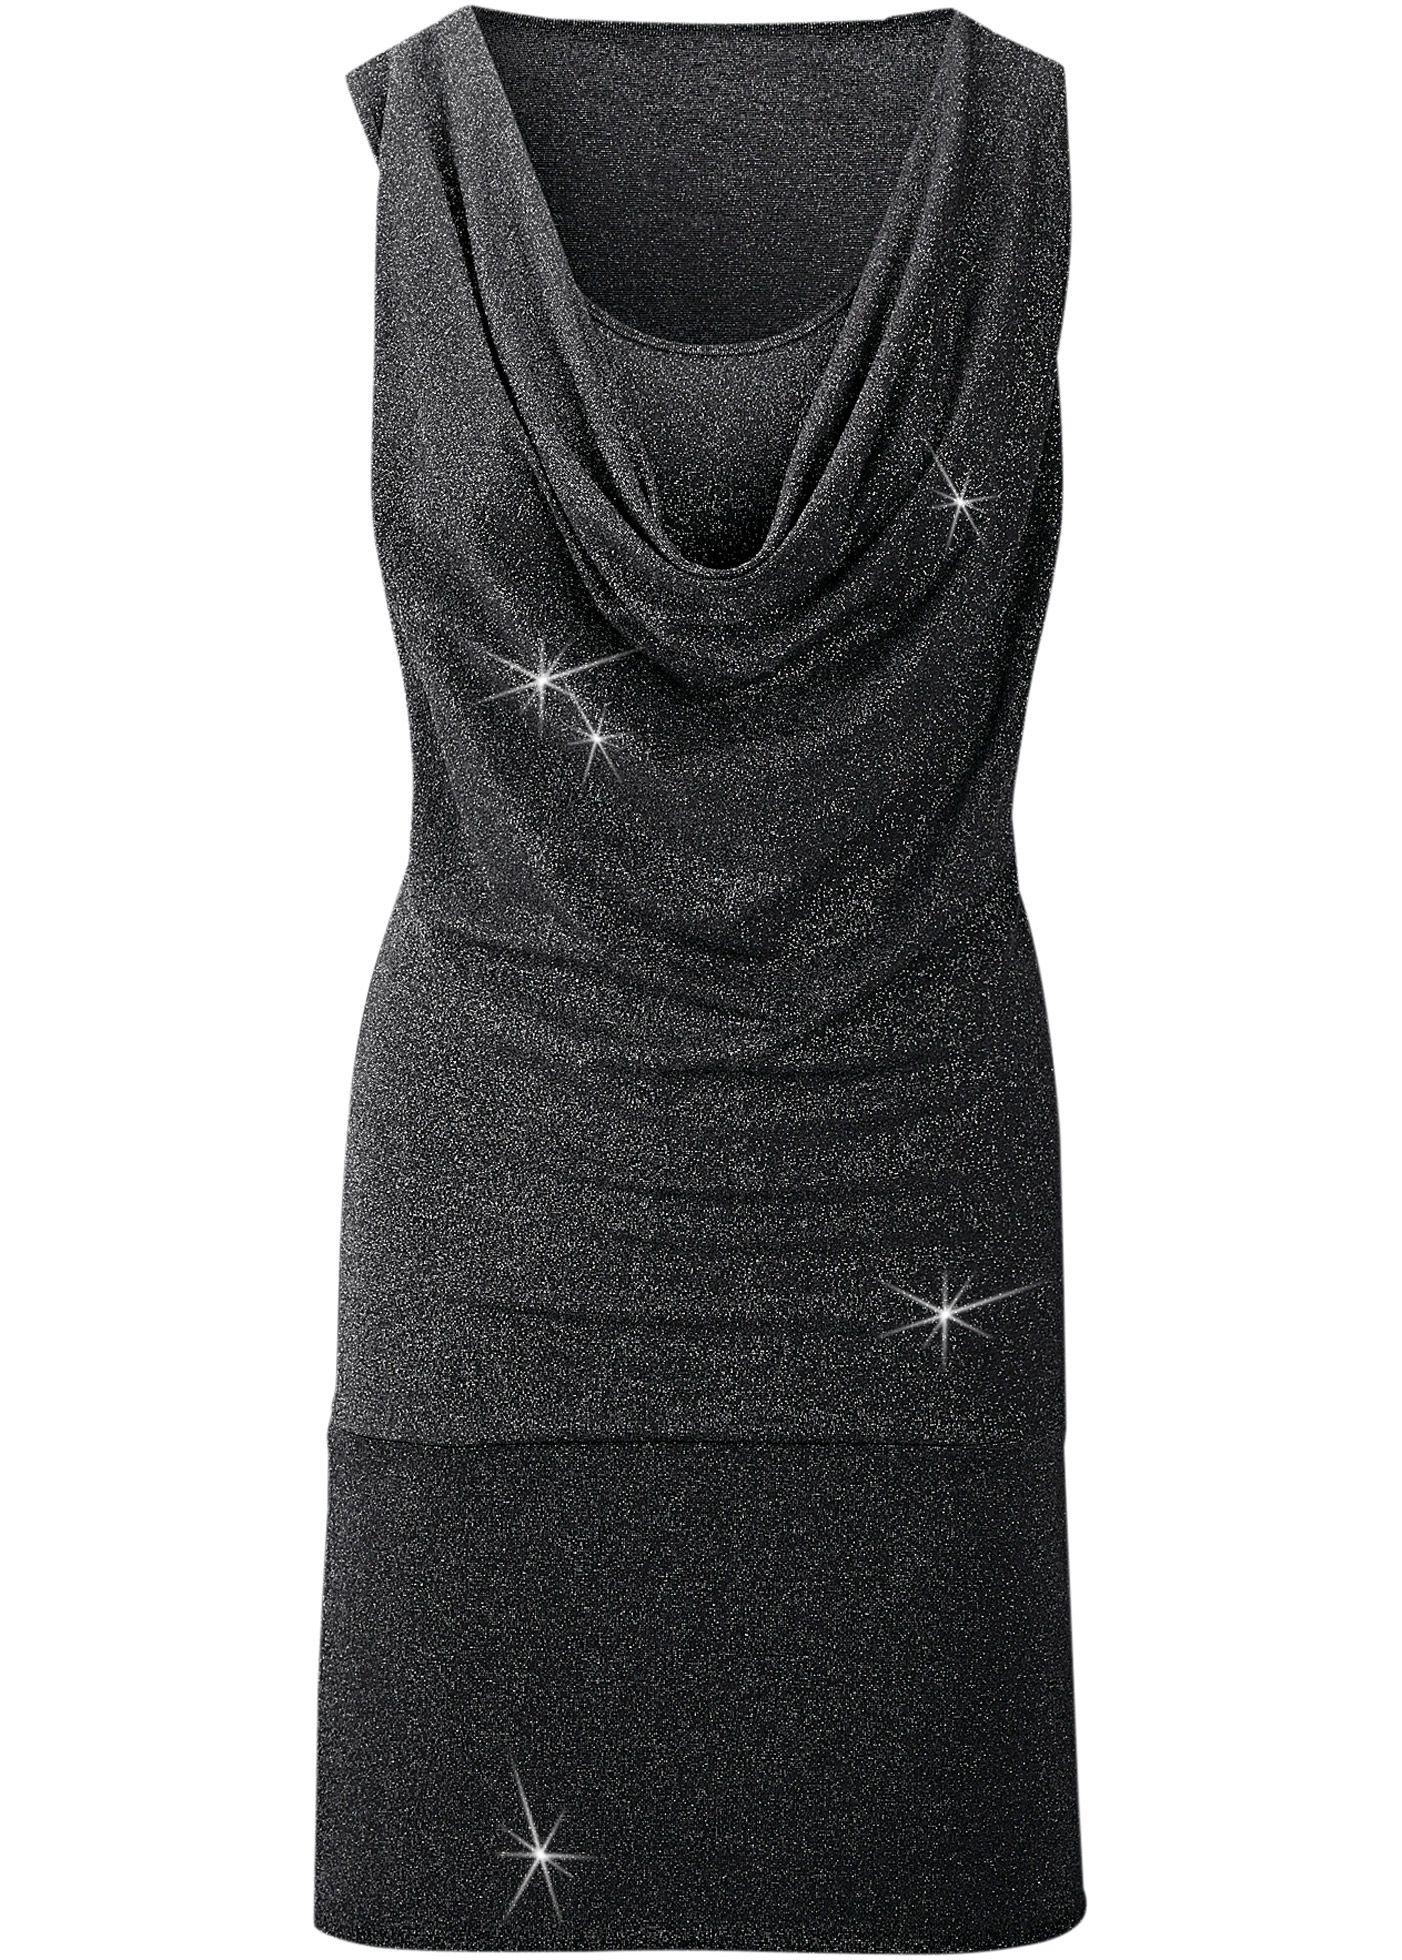 Платье черный/серебристый - BODYFLIRT заказать онлайн - bonprix.ru